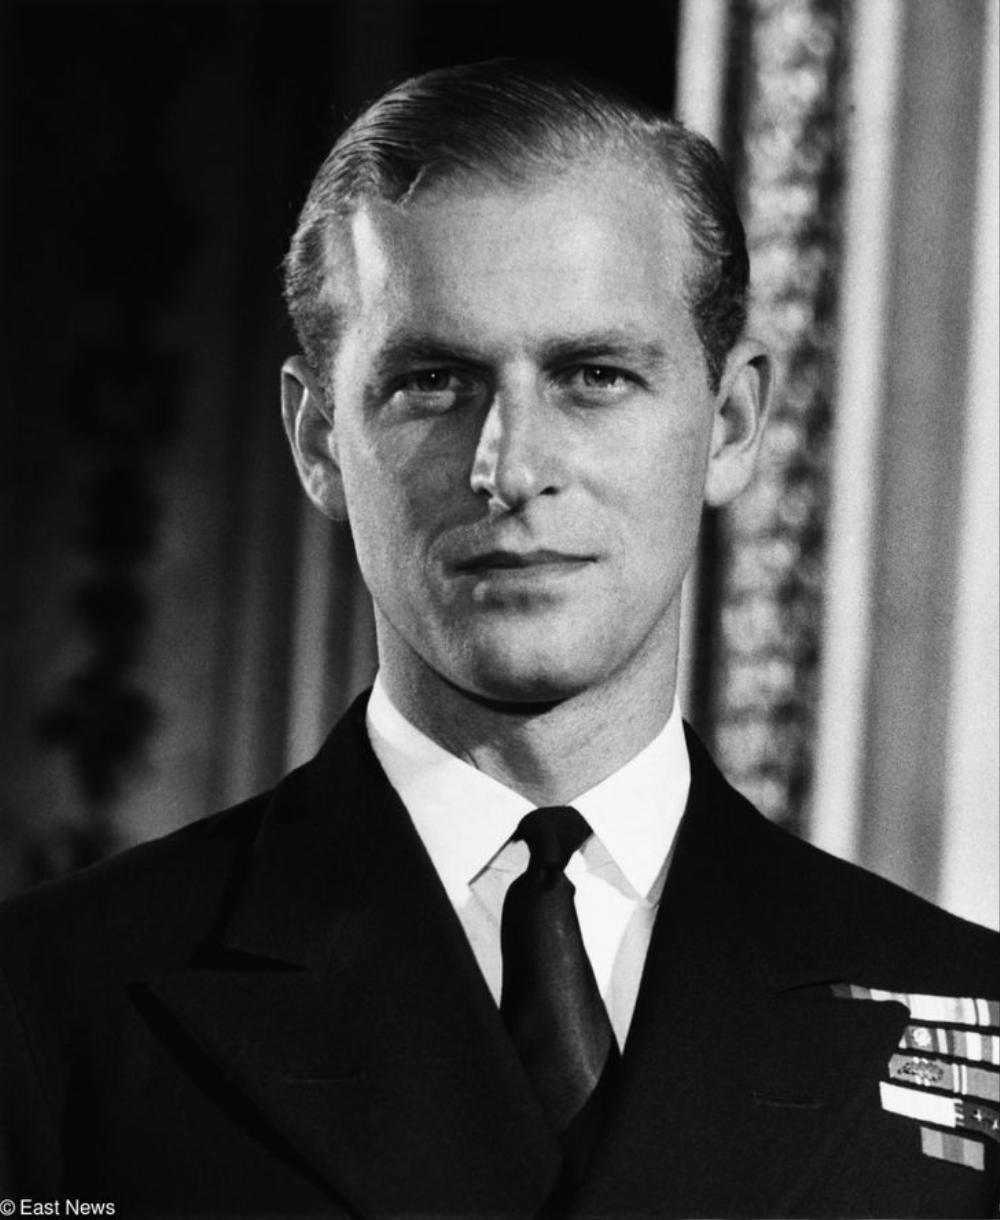 Câu chuyện chưa kể về buổi gặp gỡ khiến Nữ hoàng Elizabeth phải lòng Hoàng thân Philip Ảnh 2